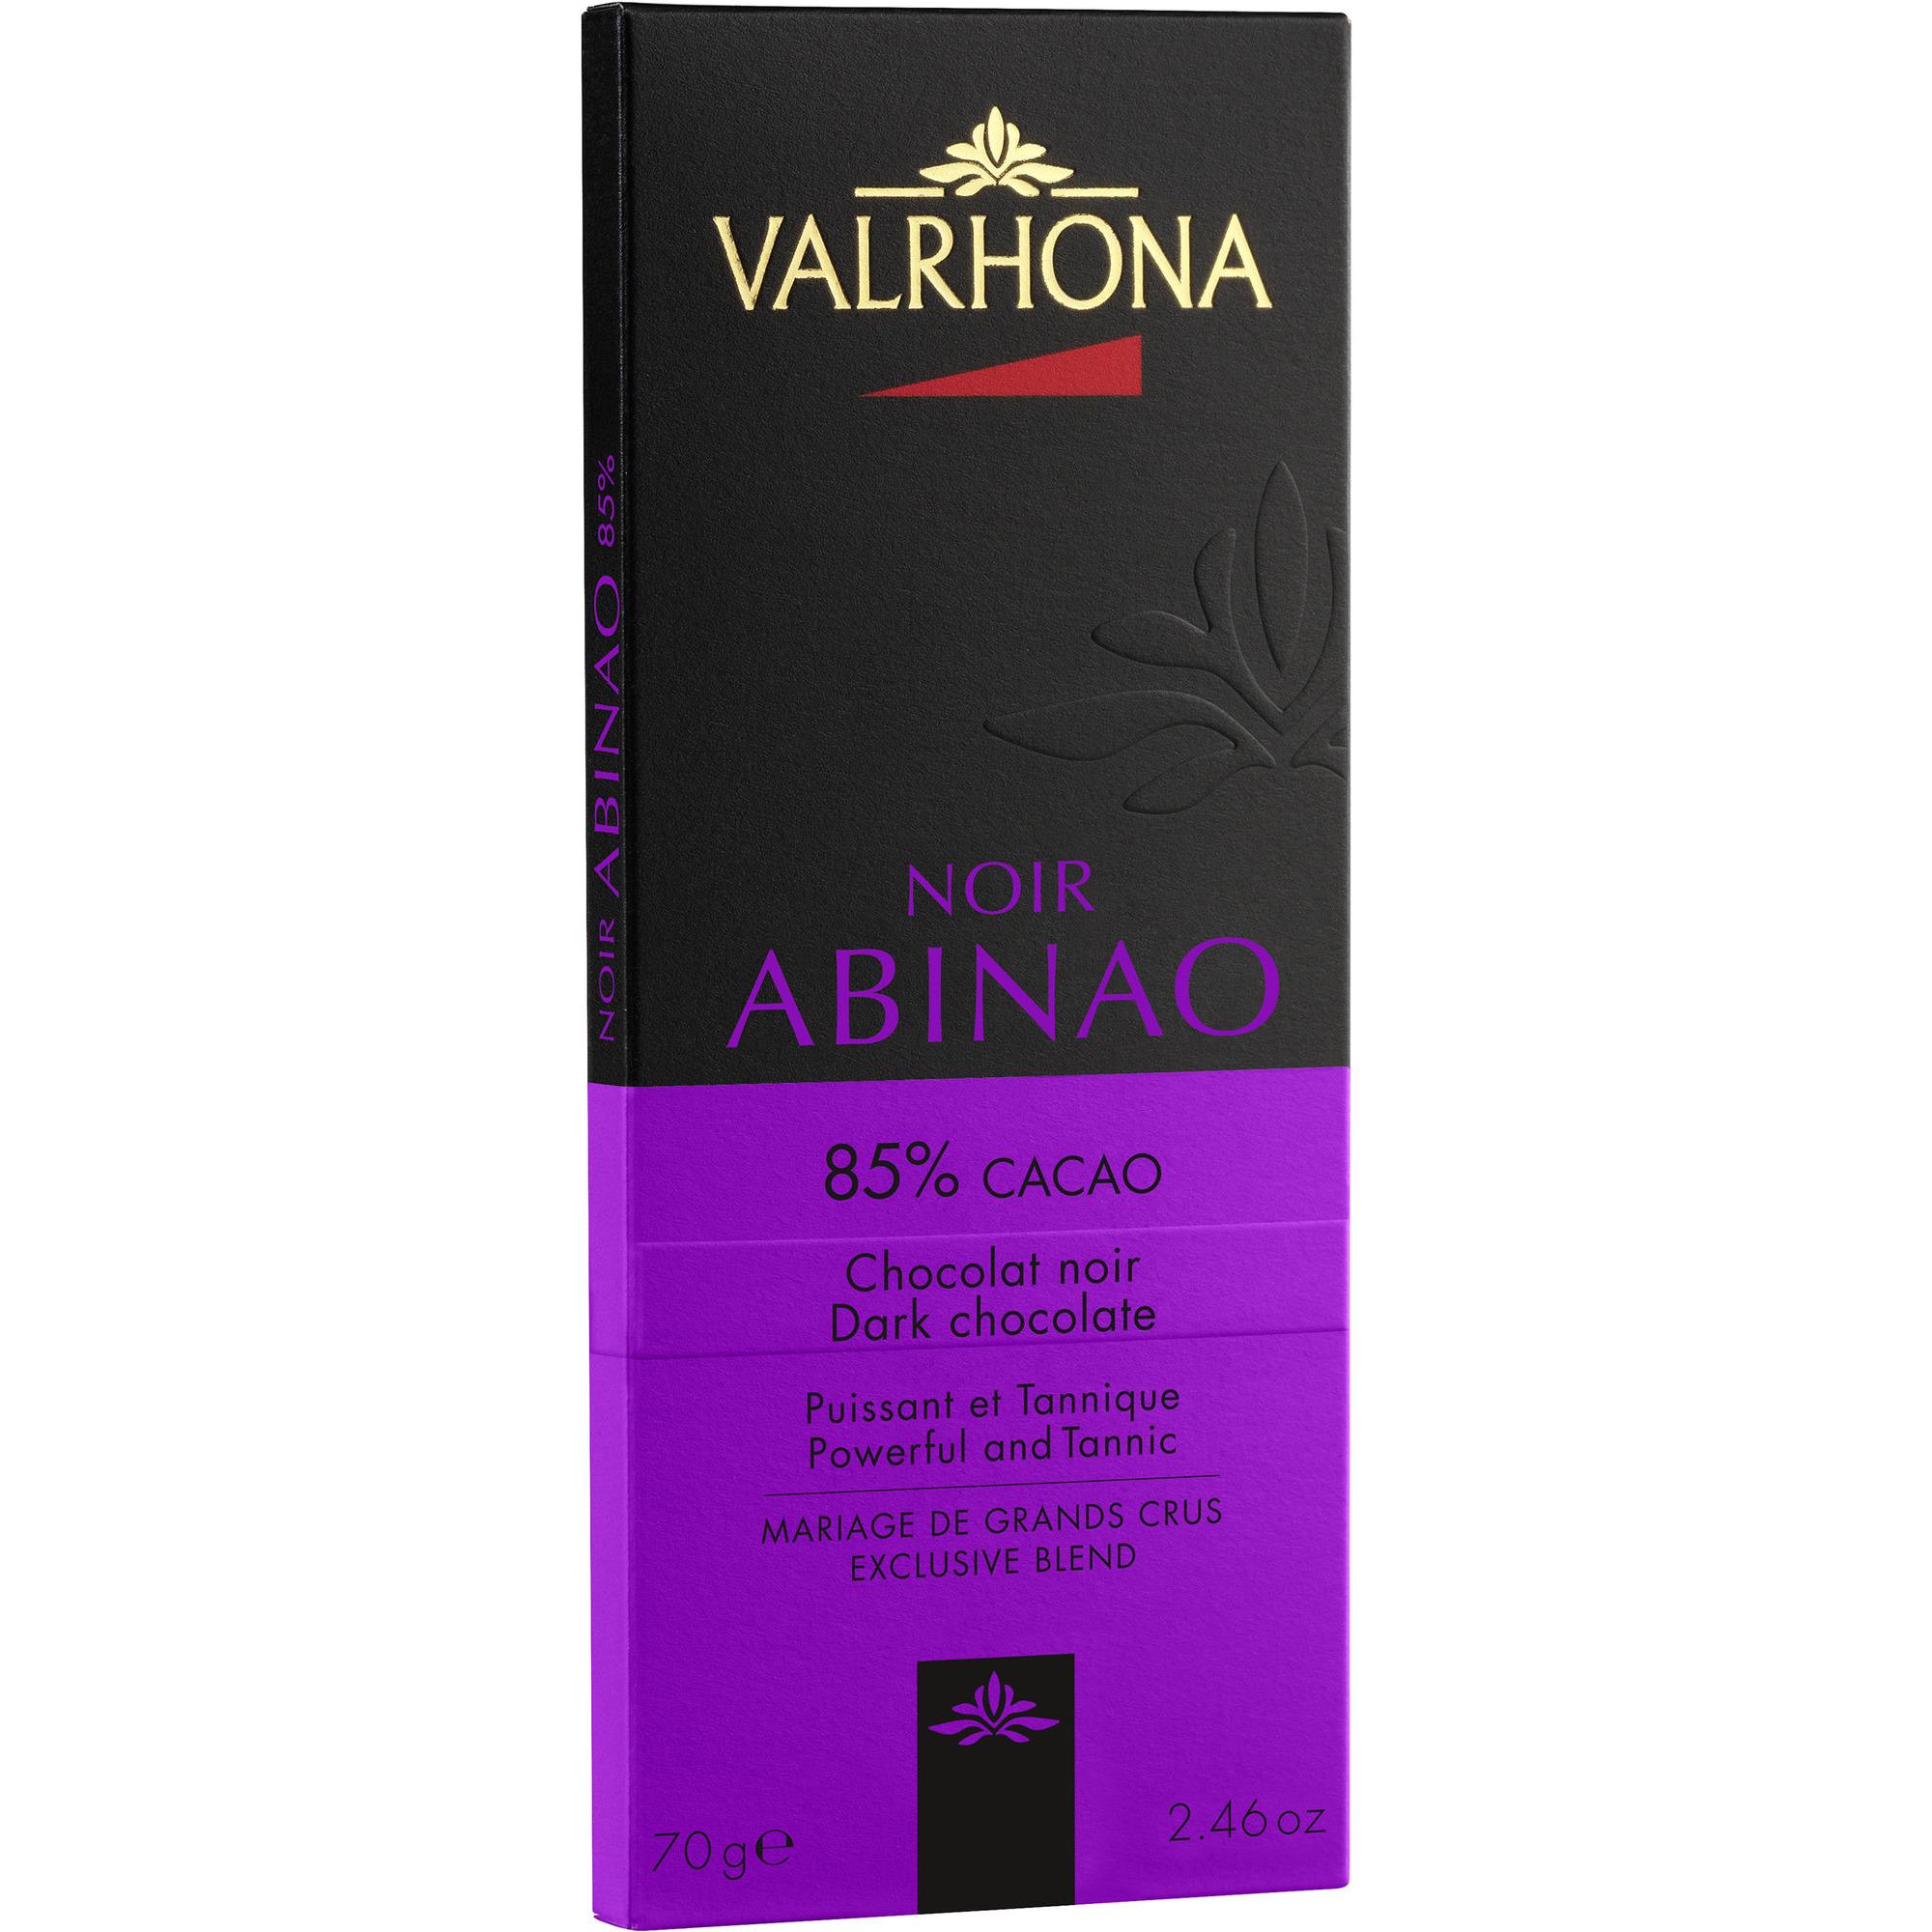 Valrhona Abinao 85% 70g